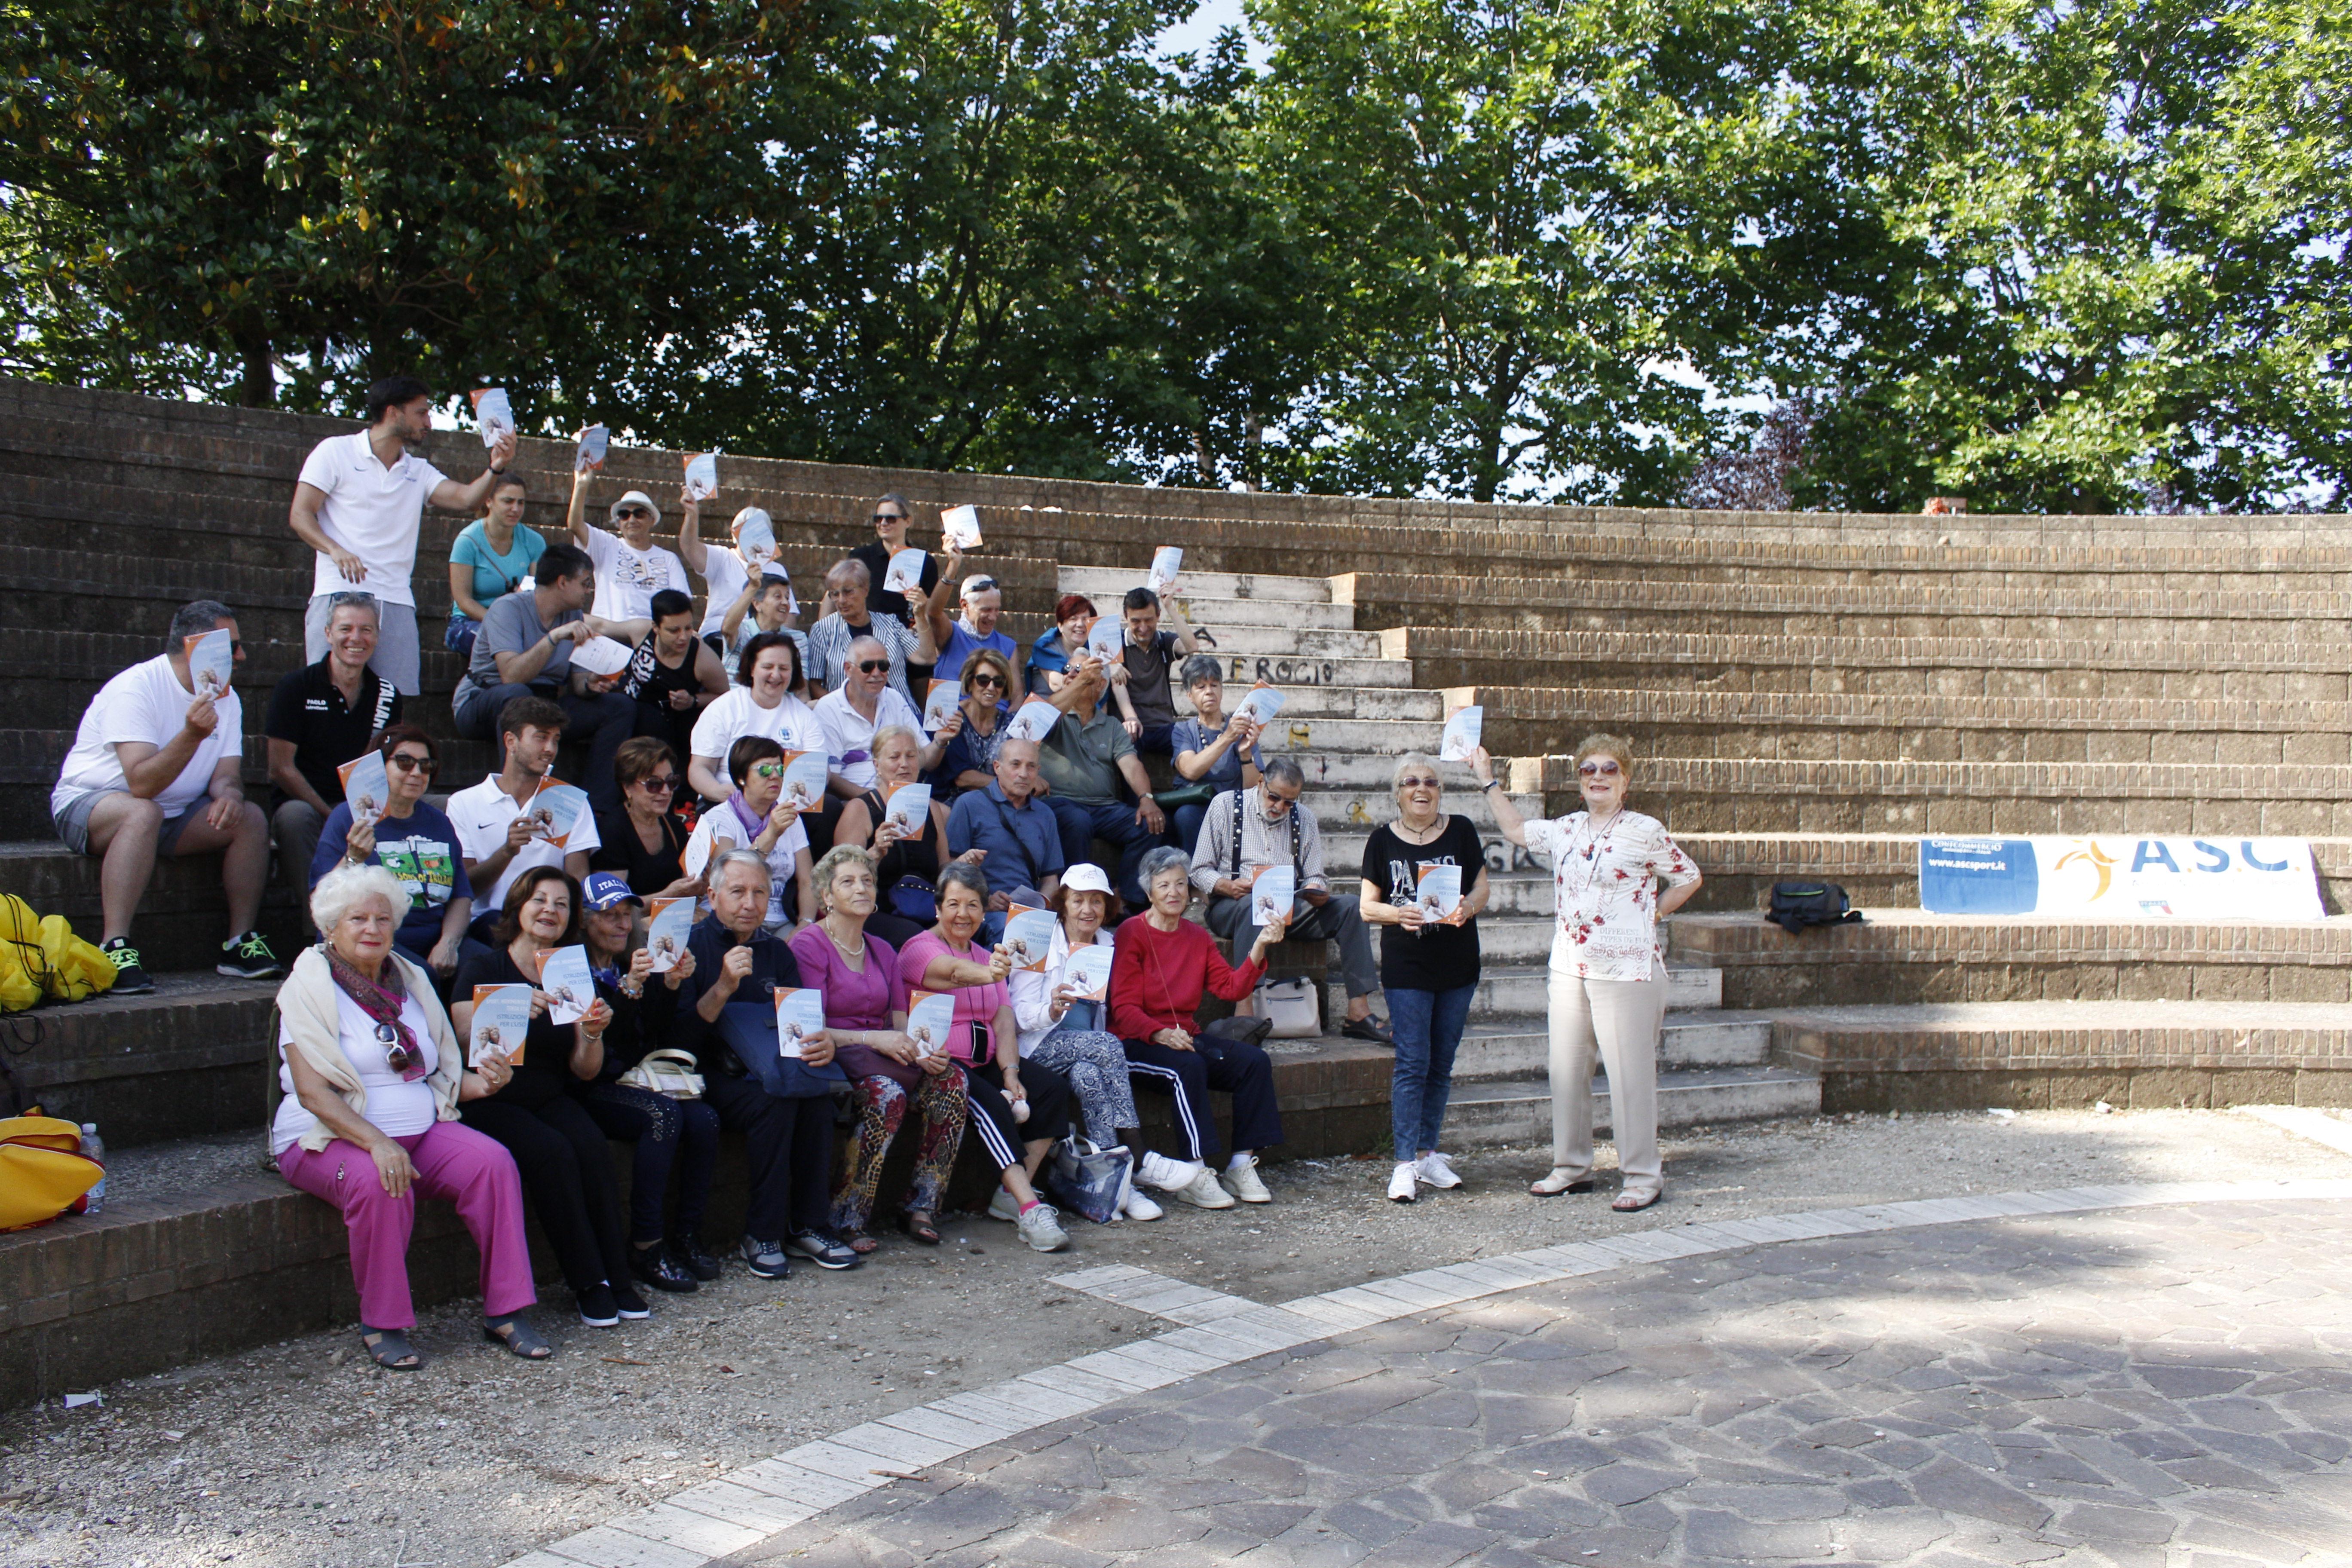 SPORT E MOVIMENTO Negli anni d argento - Appuntamento al Parco Aldo Moro